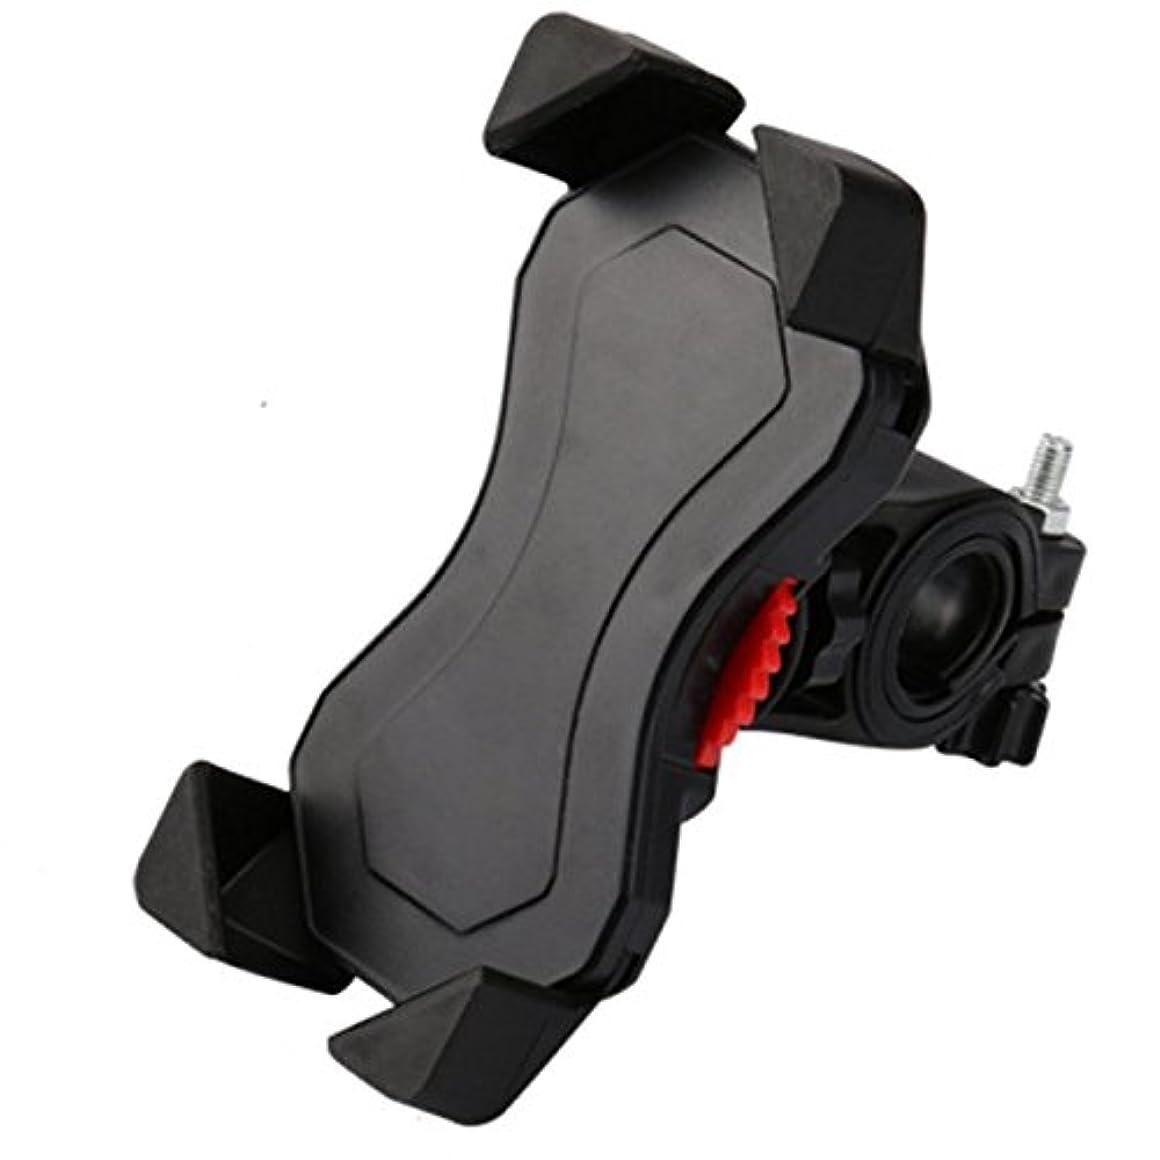 サイレン検証クライストチャーチ自転車ホルダー スマホホルダー 自転車携帯電話ホルダー 鷹爪携帯電話ホルダー 360°回転できる 3.5~6.5インチのiPhone、AndroidスマートフォンやGPS設備に適応する (black)